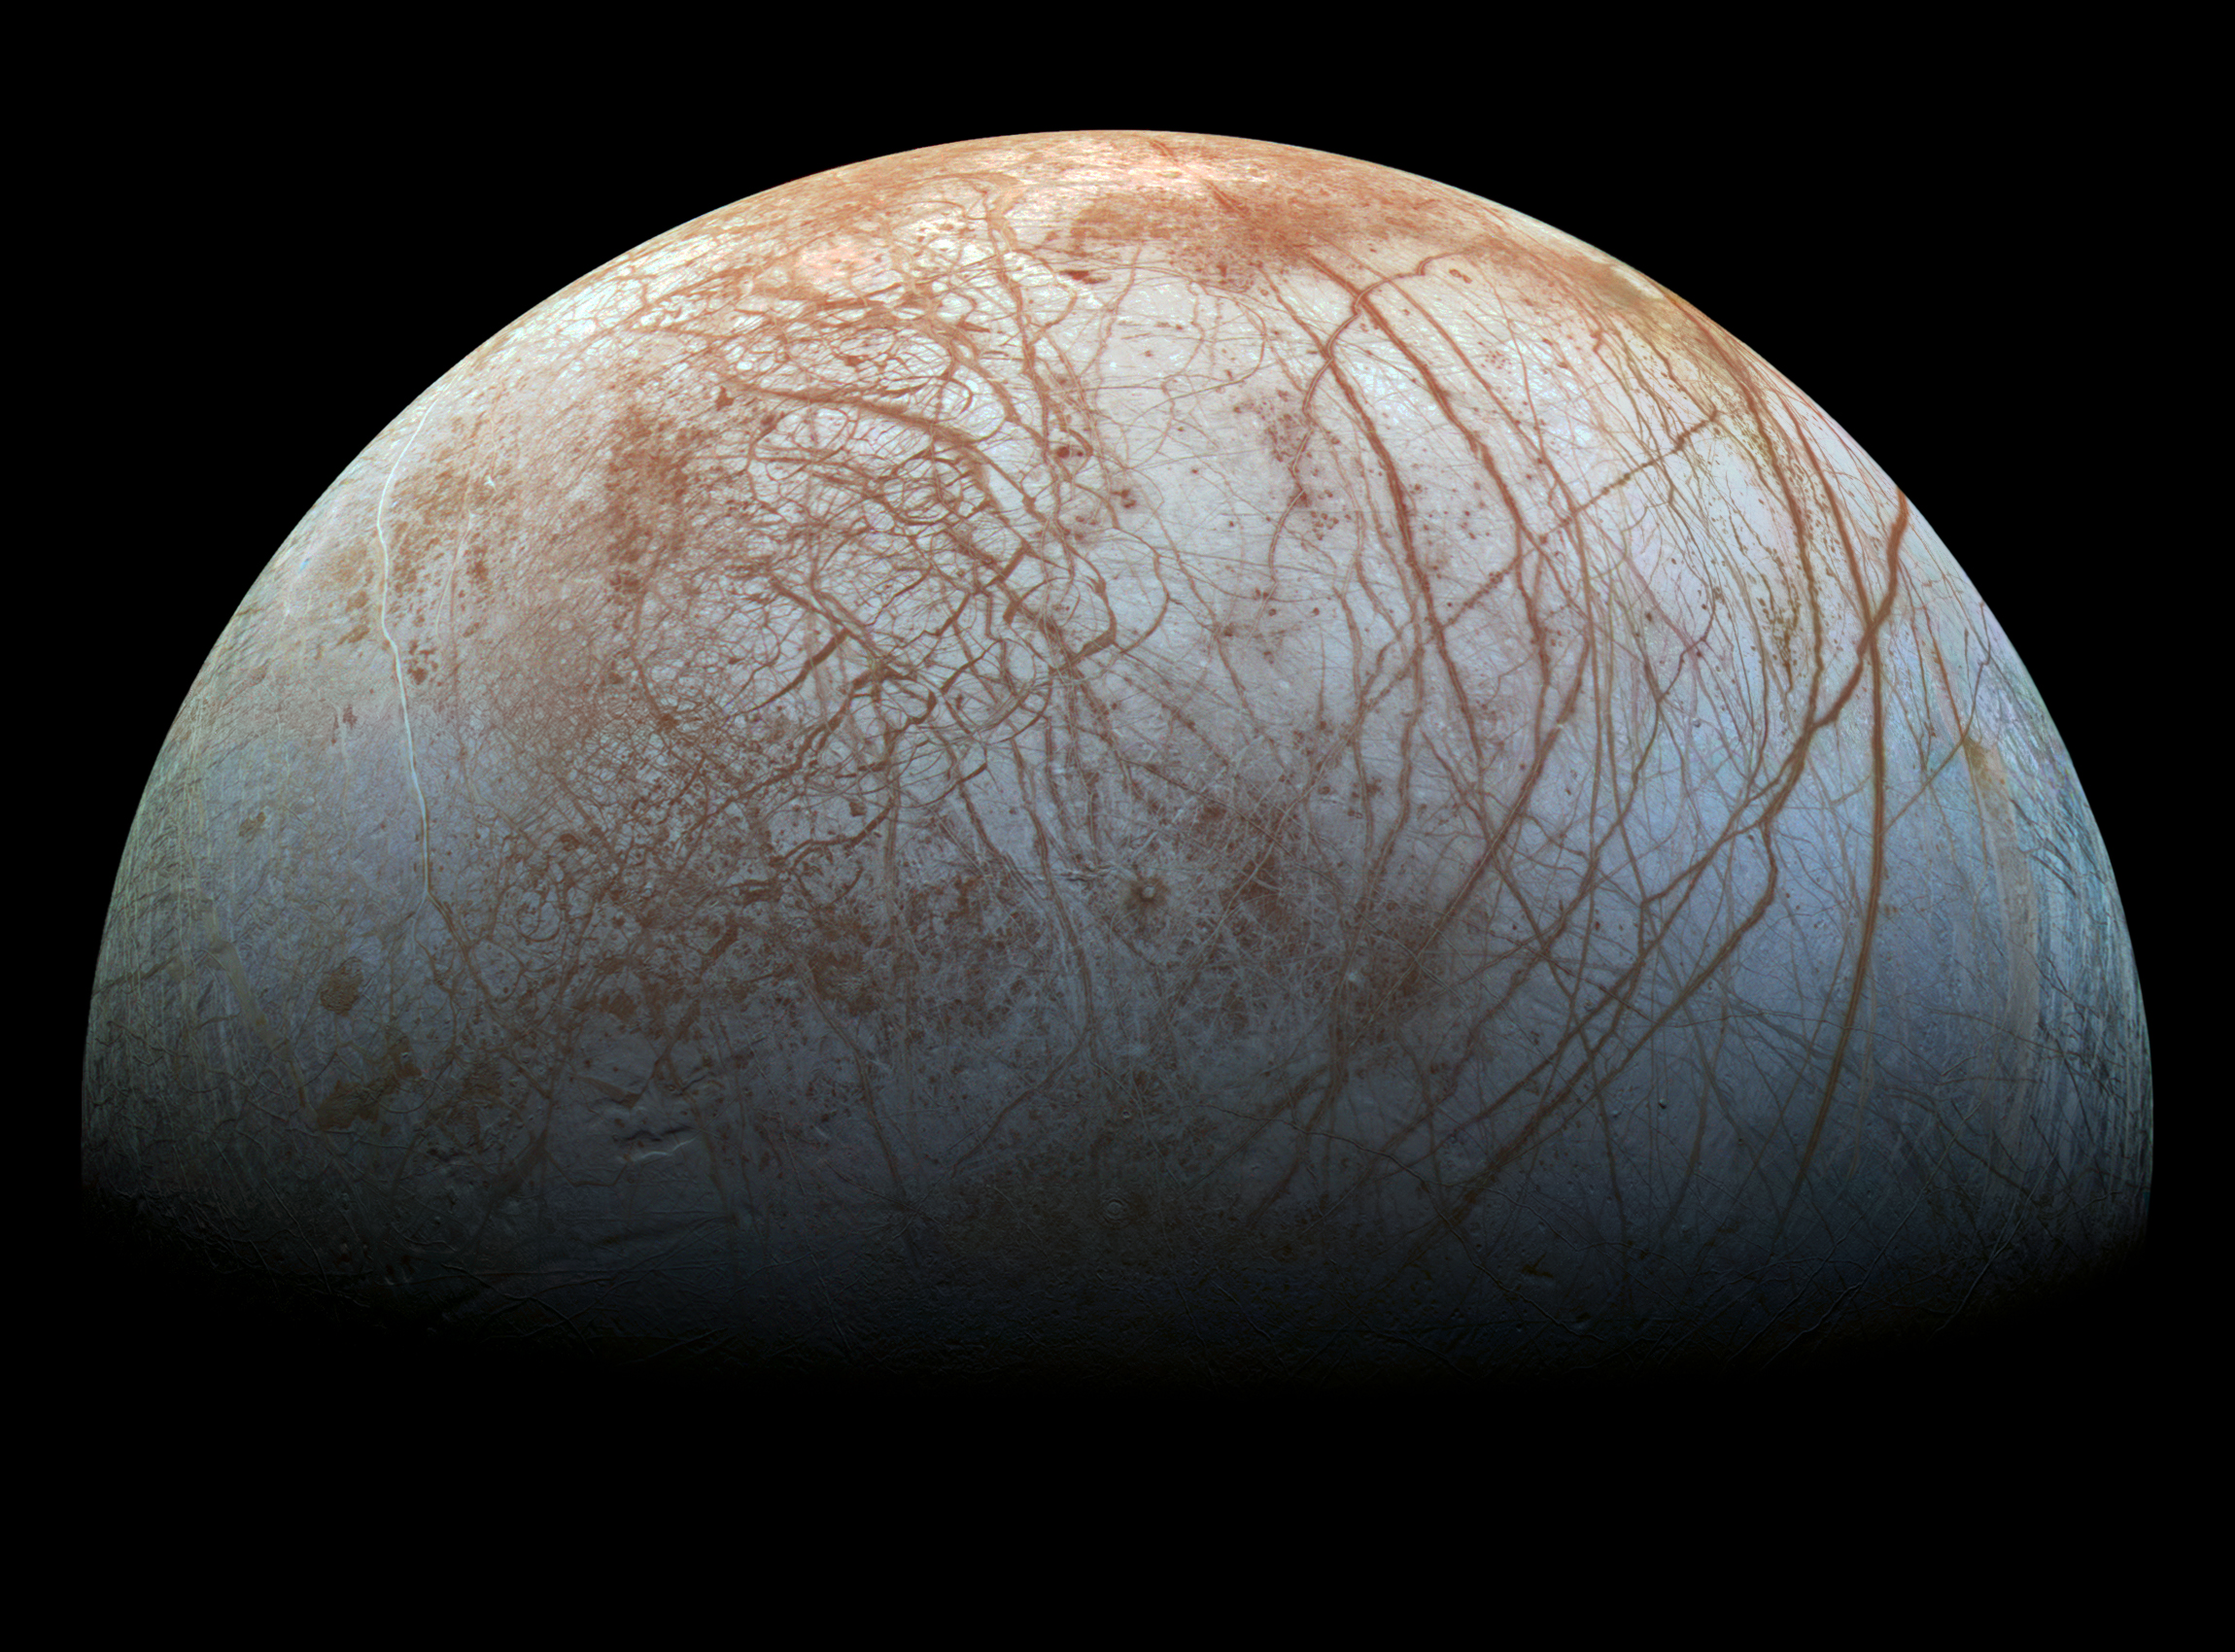 Credit:  NASA/JPL-Caltech/SETI Institute.